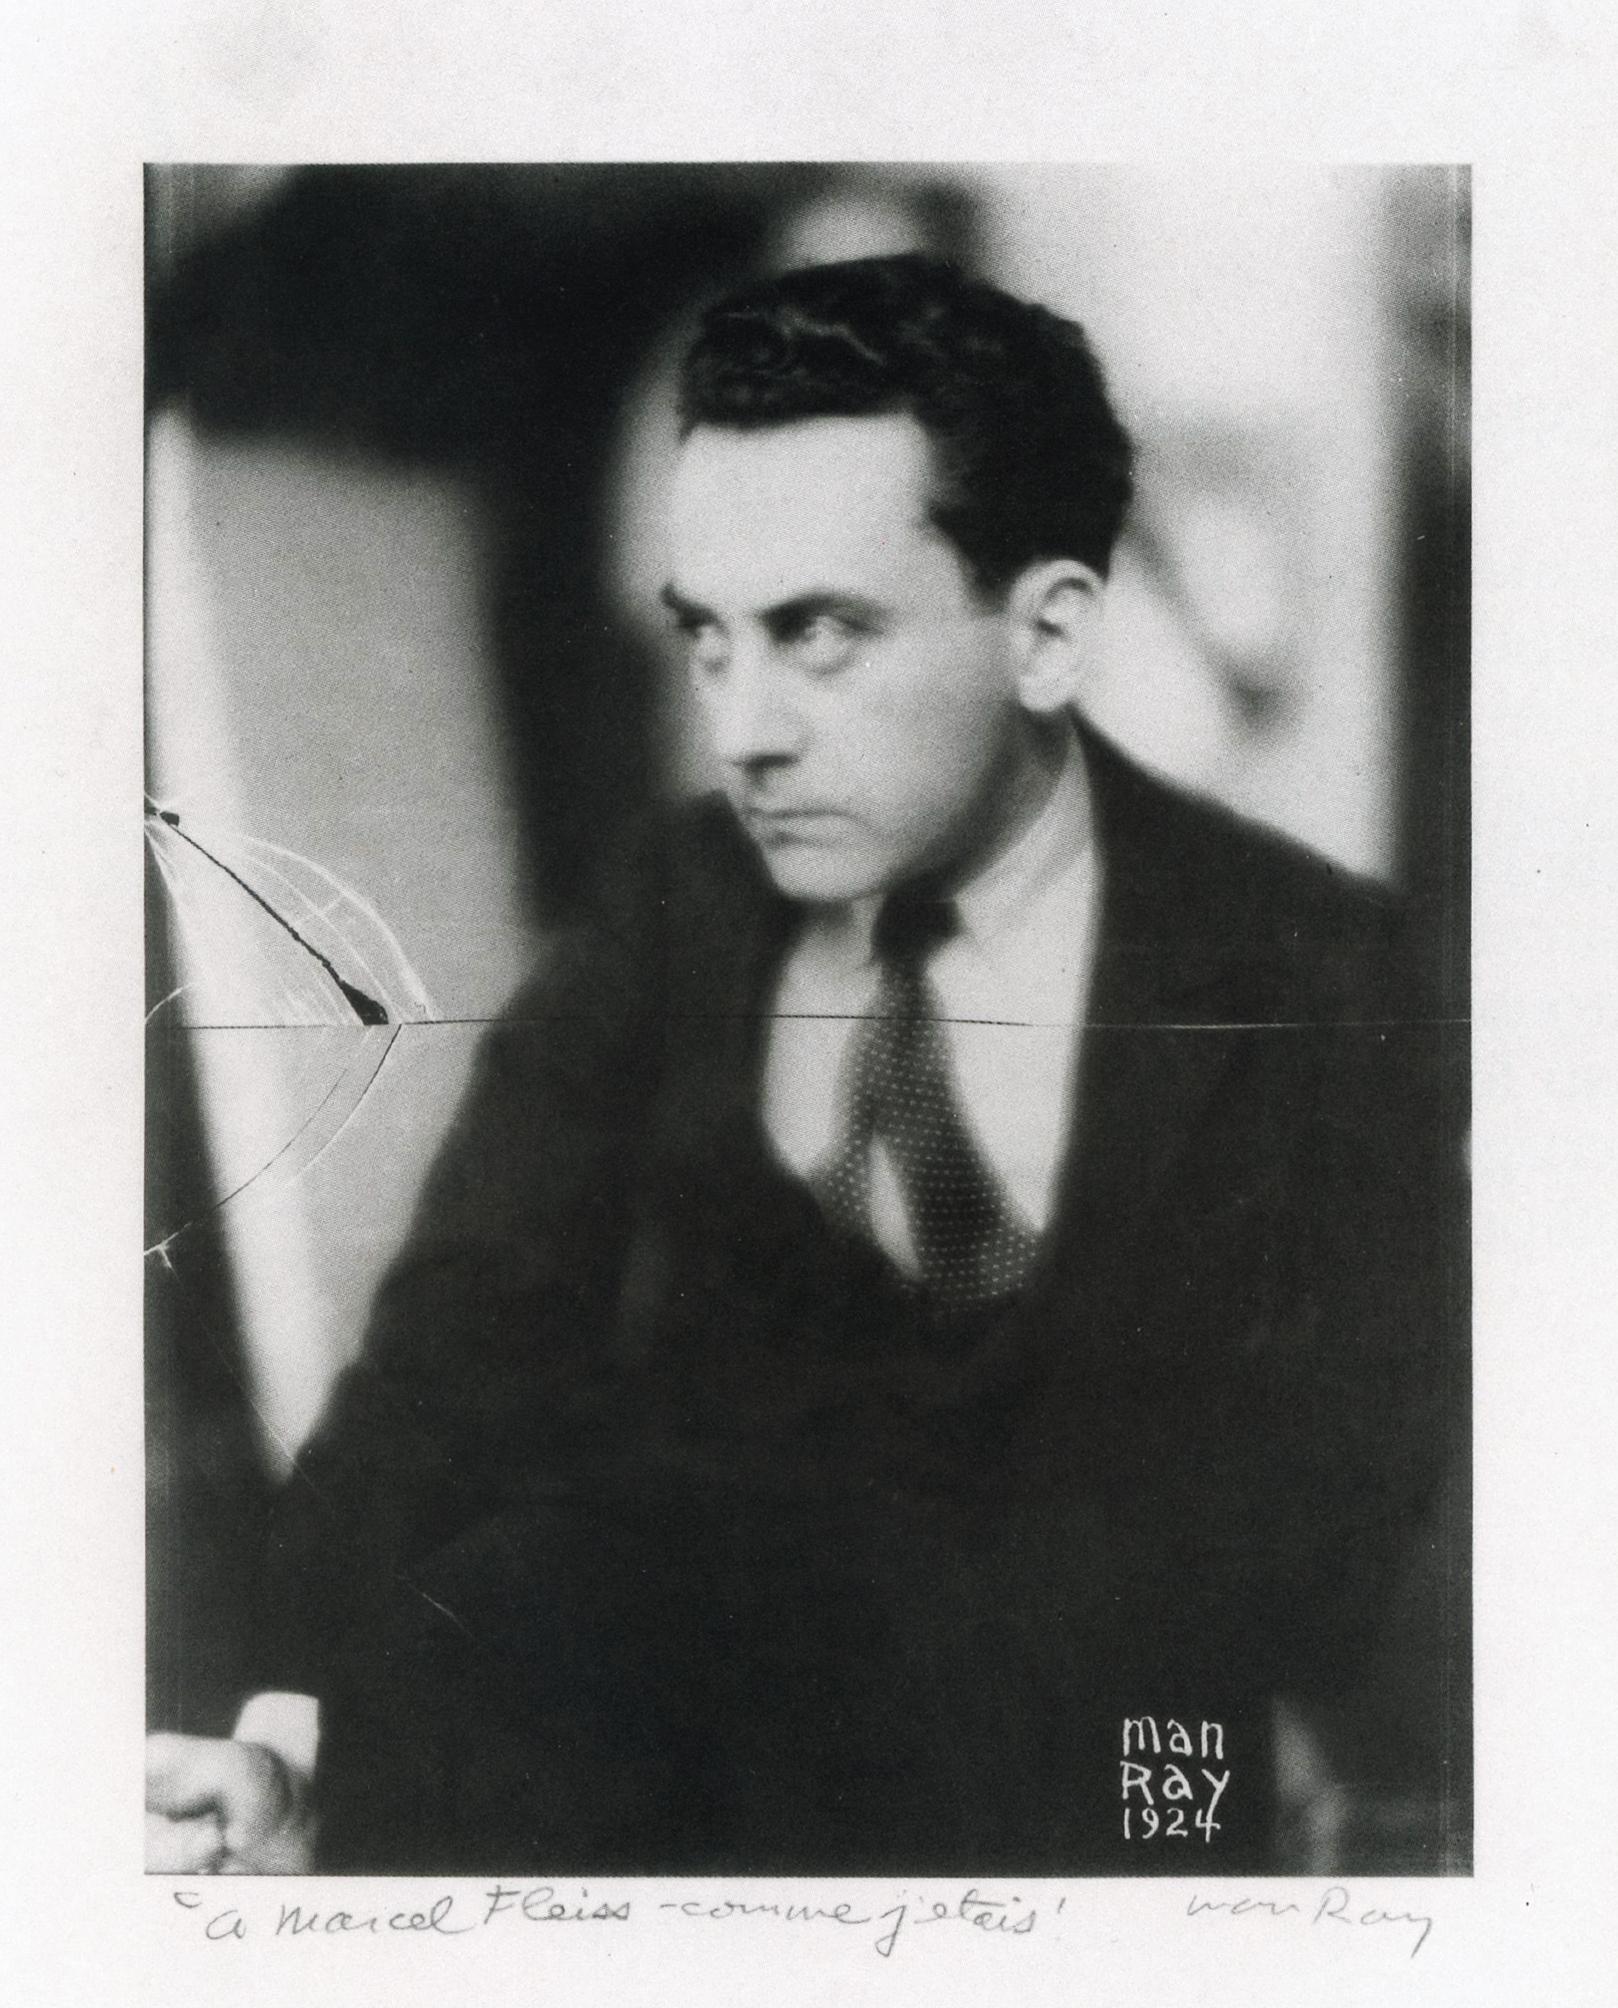 """Autoportrait de Man Ray, en 1924, dédicacé à Marcel Fleiss : """"A Marcel Fleiss, comme j'étais"""""""